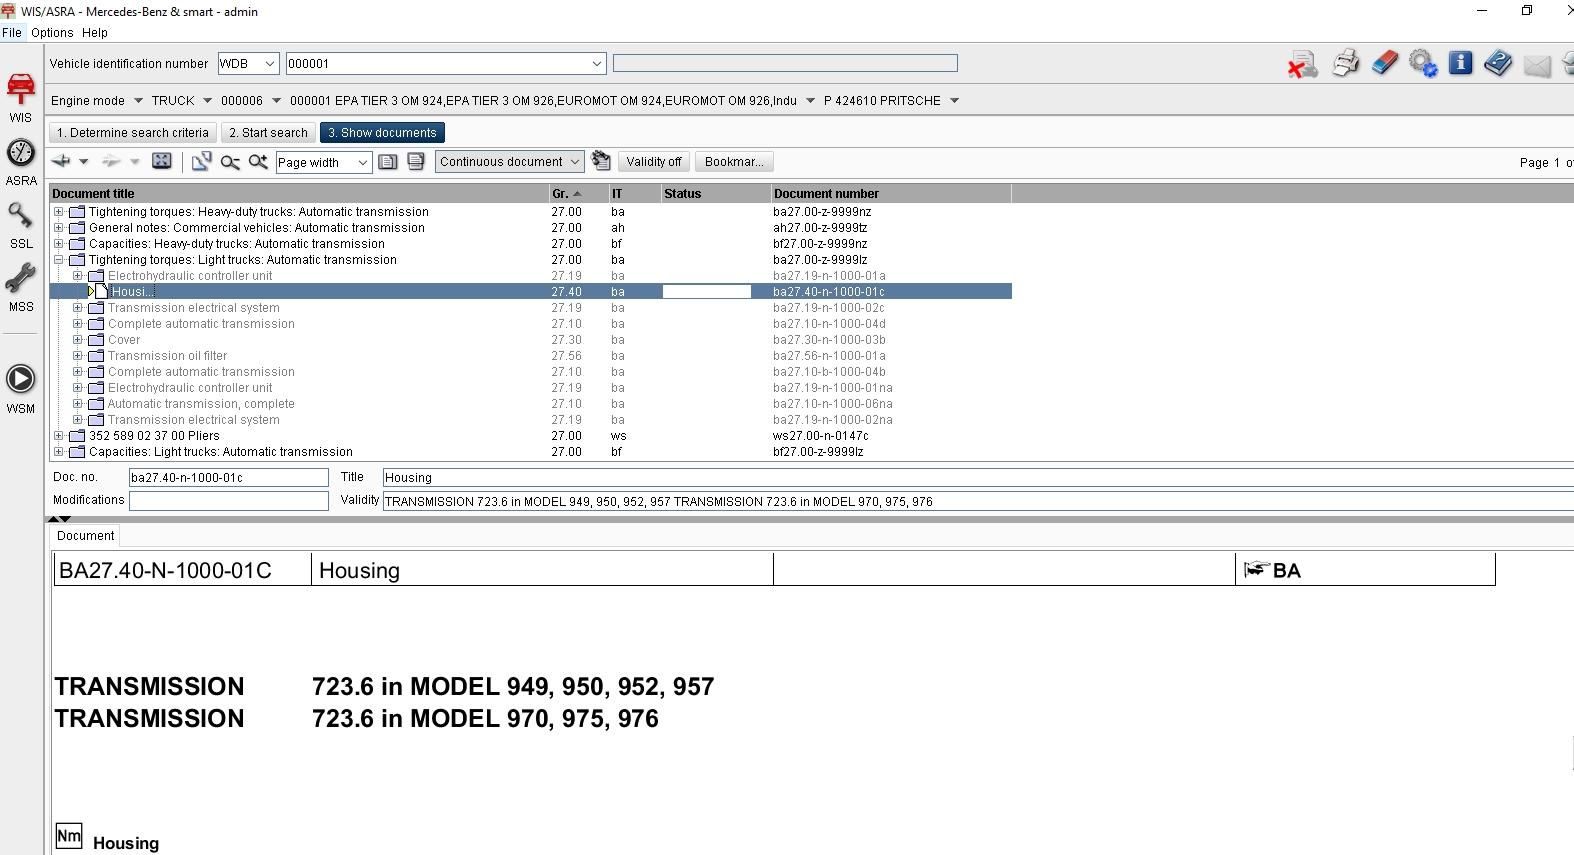 Mercedes-Benz_WIS-ASRA_NET_042020_Full_DVD_9uLcr0